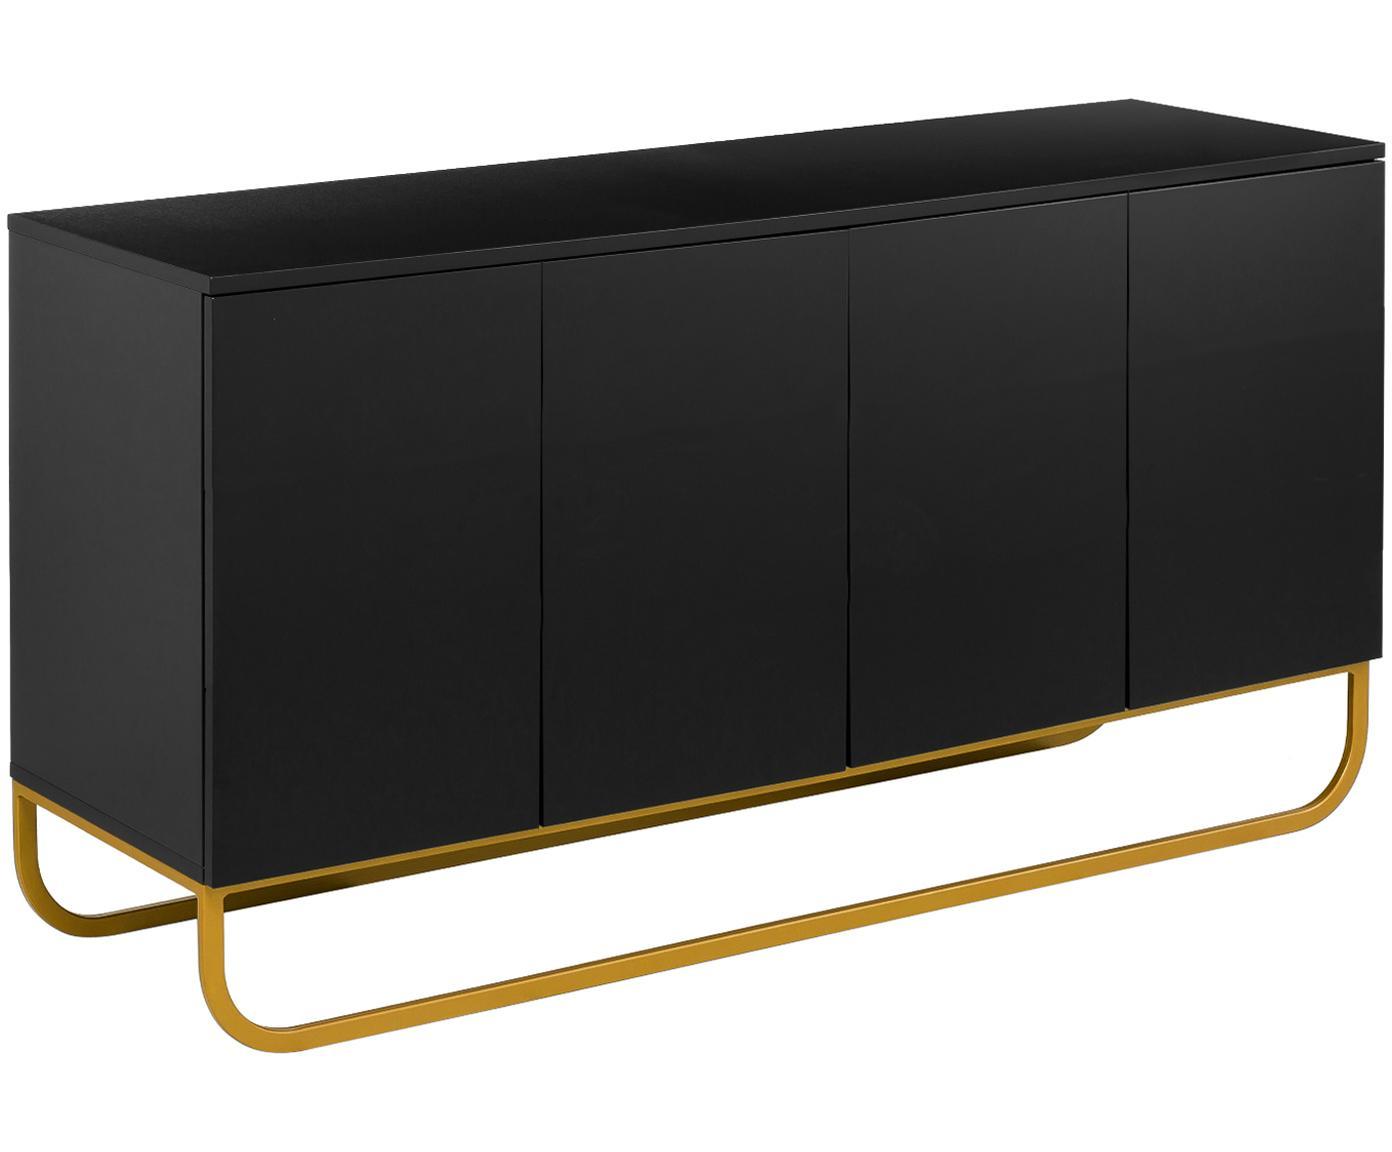 Credenza classica nera Sanford, Corpo: nero opaco base: dorato opaco, Larg. 160 x Alt. 83 cm